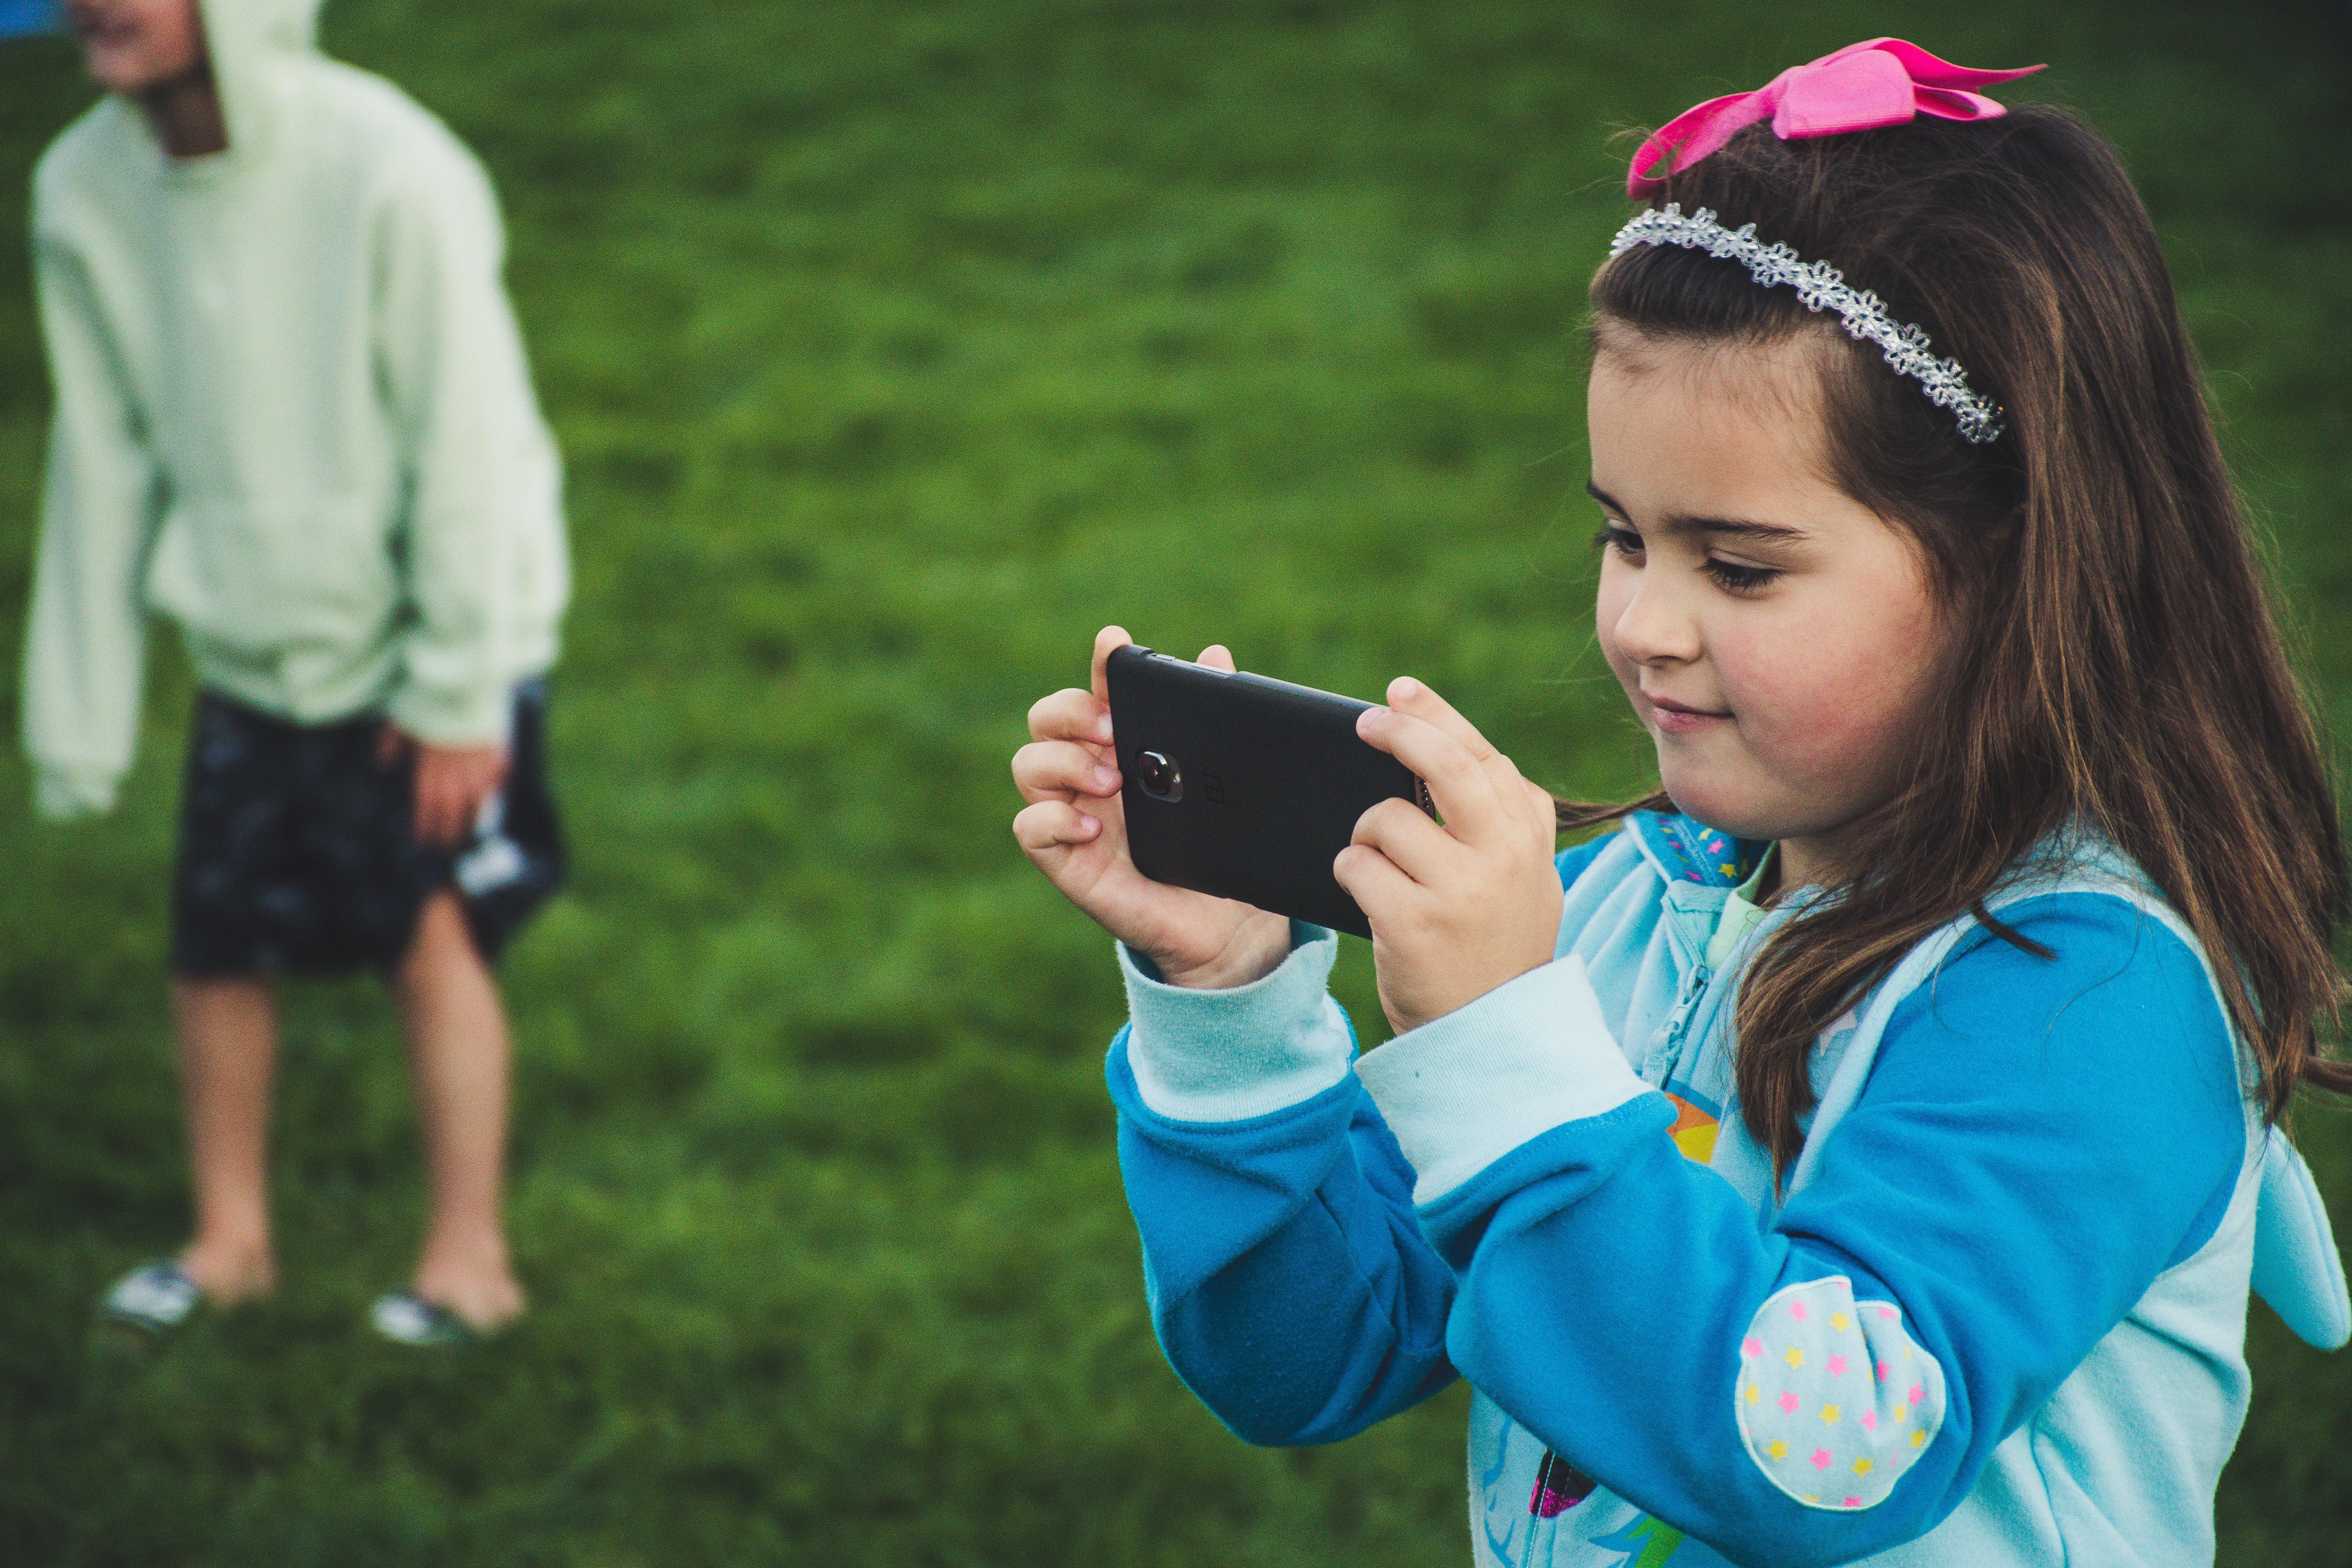 Le opinioni dei consumatori sui migliori smartphone per bambini (per fascia d'età)